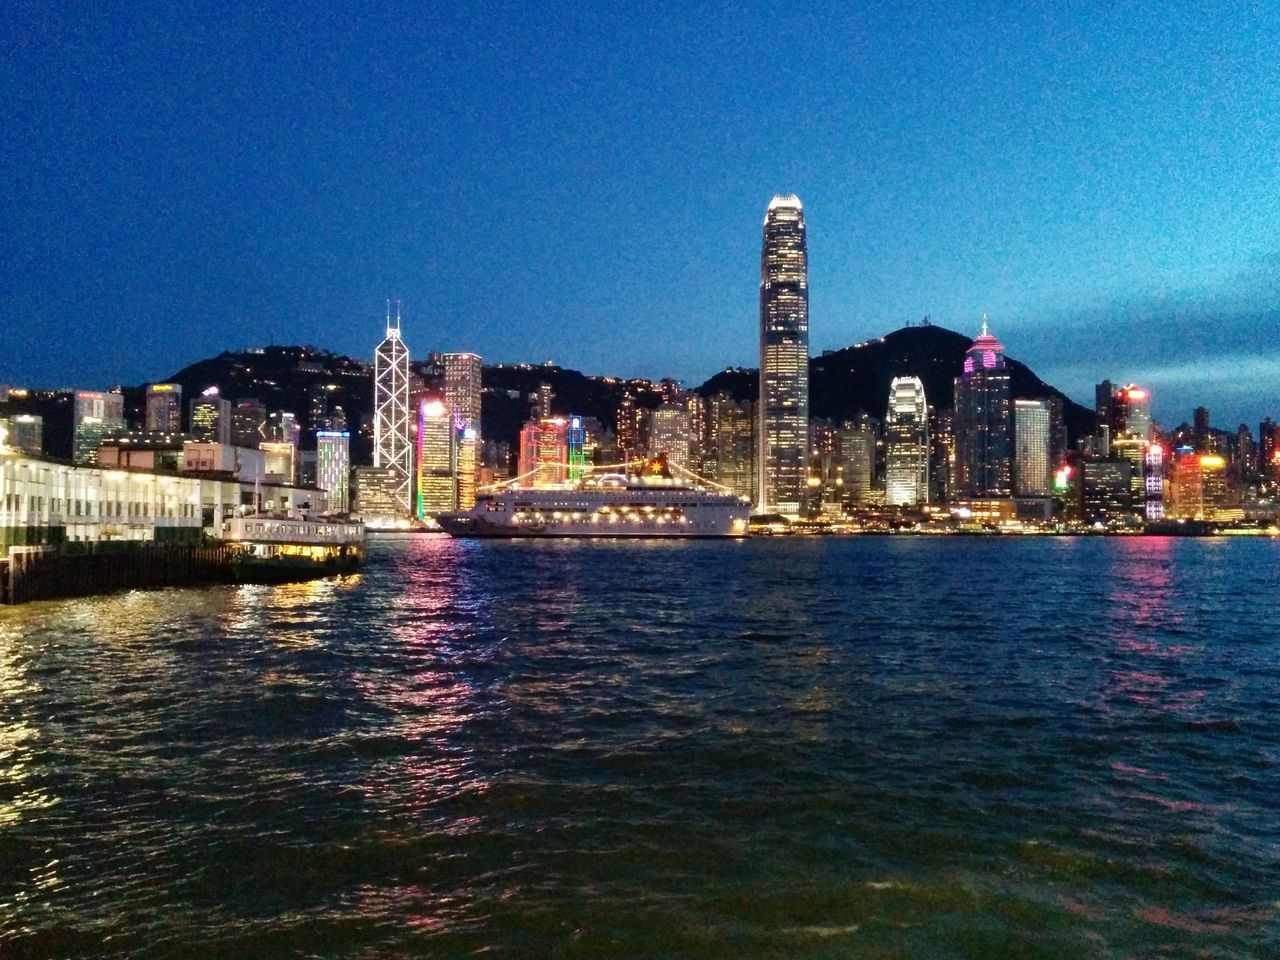 What a beautiful night view of Hong Kong! 香港夜景真美! HongKong Tsim Sha Tsui 尖沙咀 Nightphotography Citynight 香港 夜景 尖沙咀 天星碼頭 美麗 城市